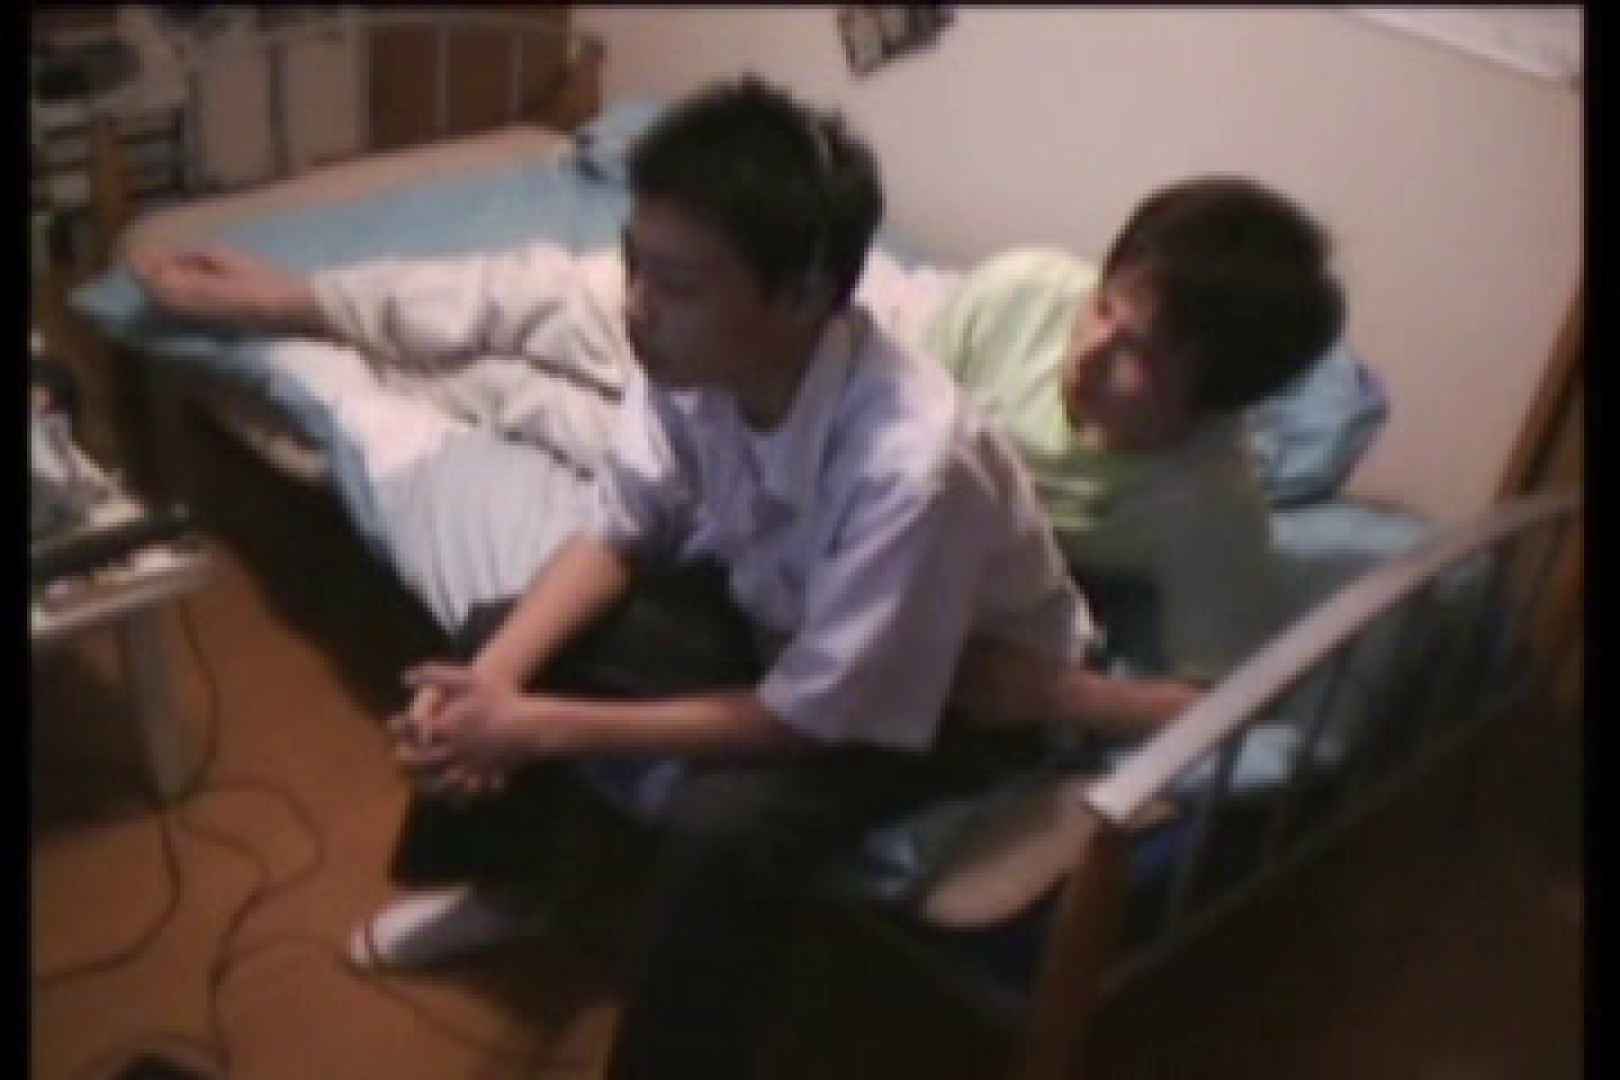 【実録投稿】友達覗撮In my room!! 射精  102pic 5